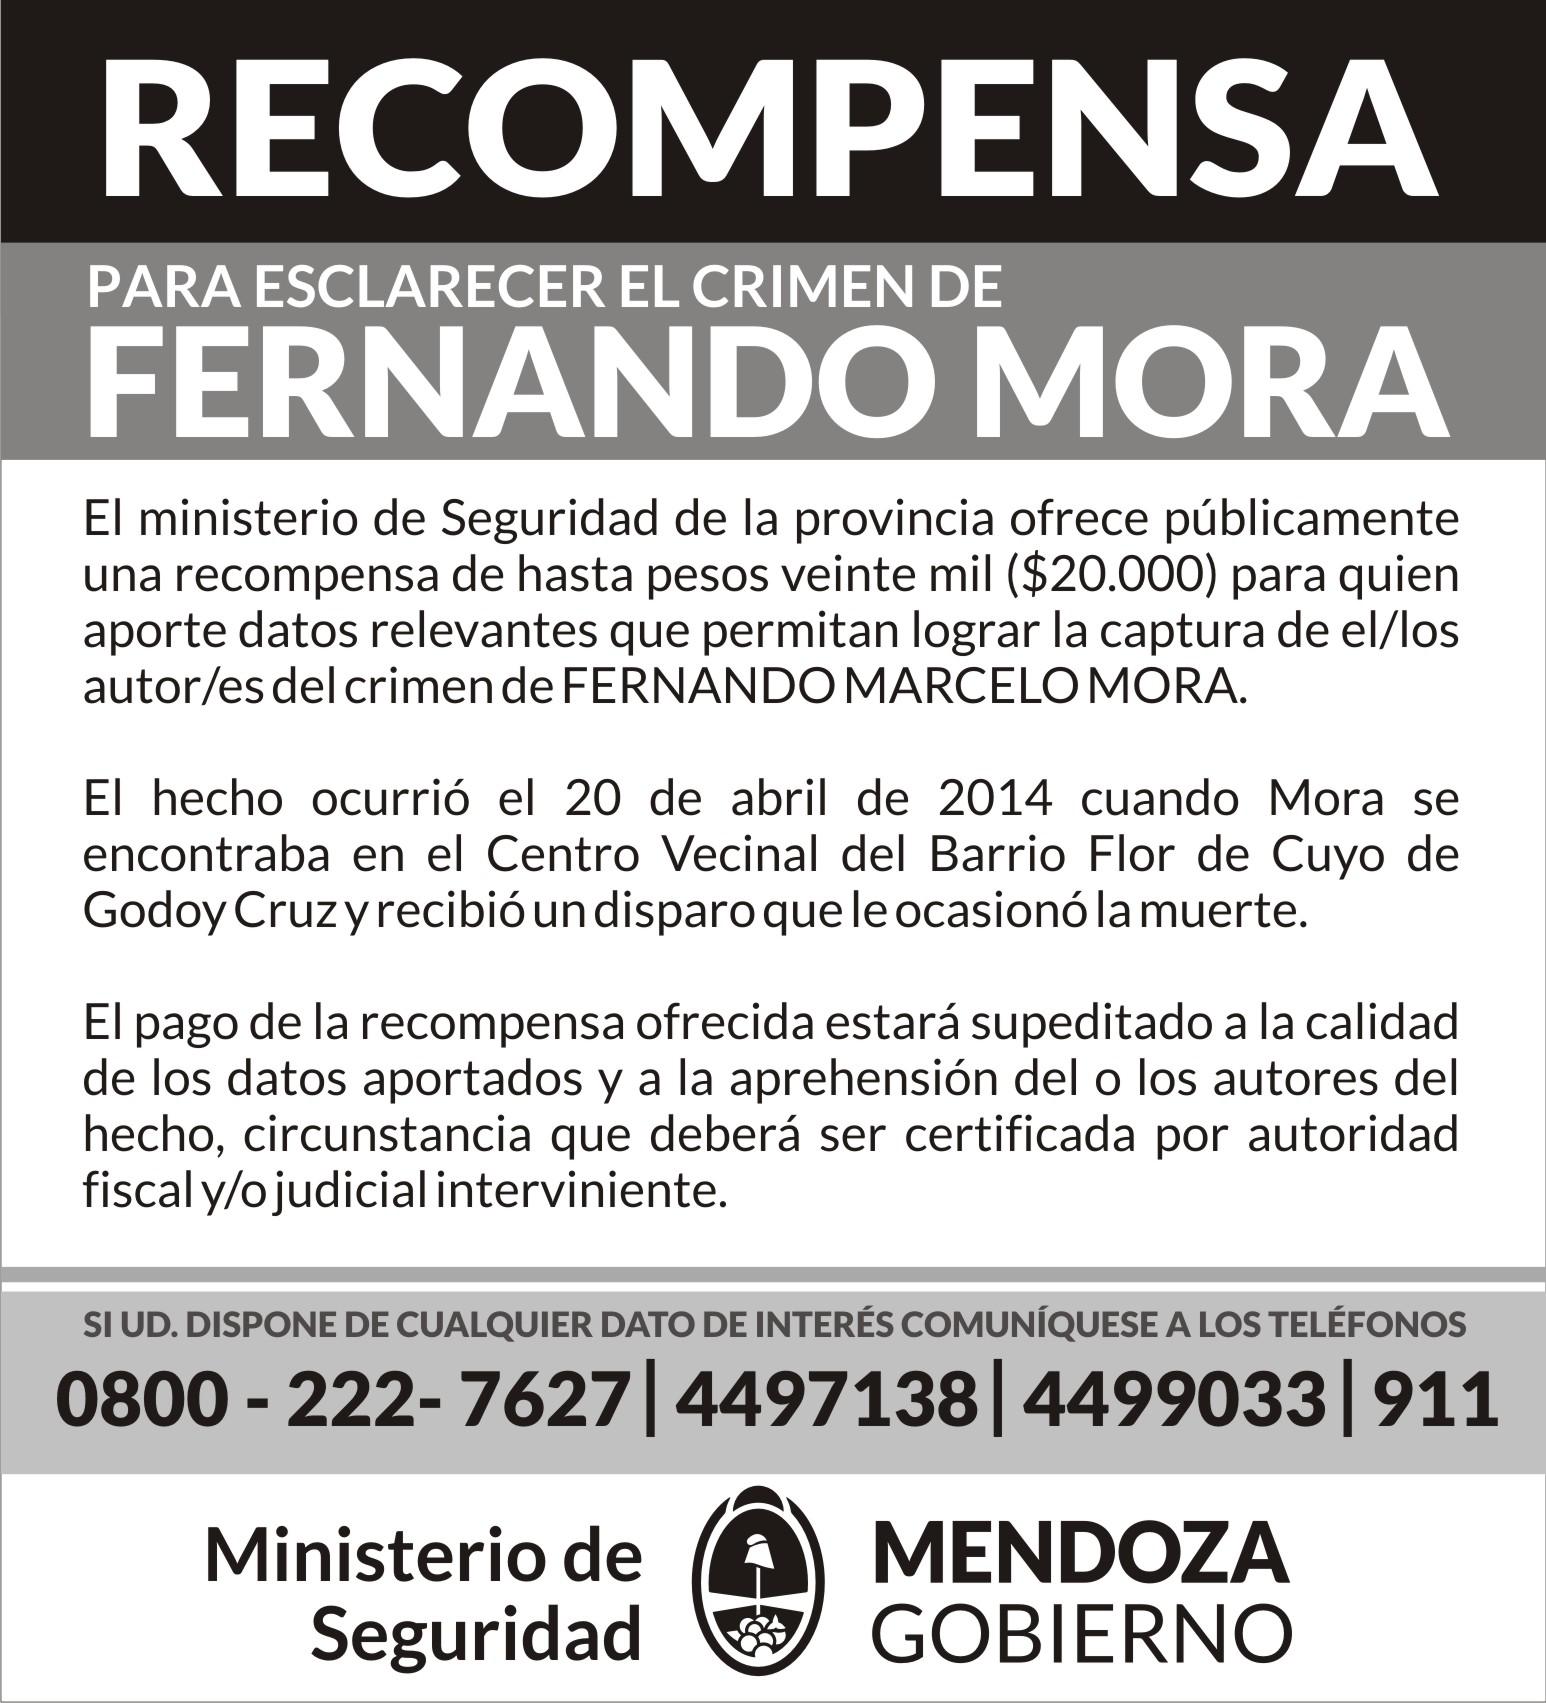 recompensa_MORA_LOS_ANDES_3x4